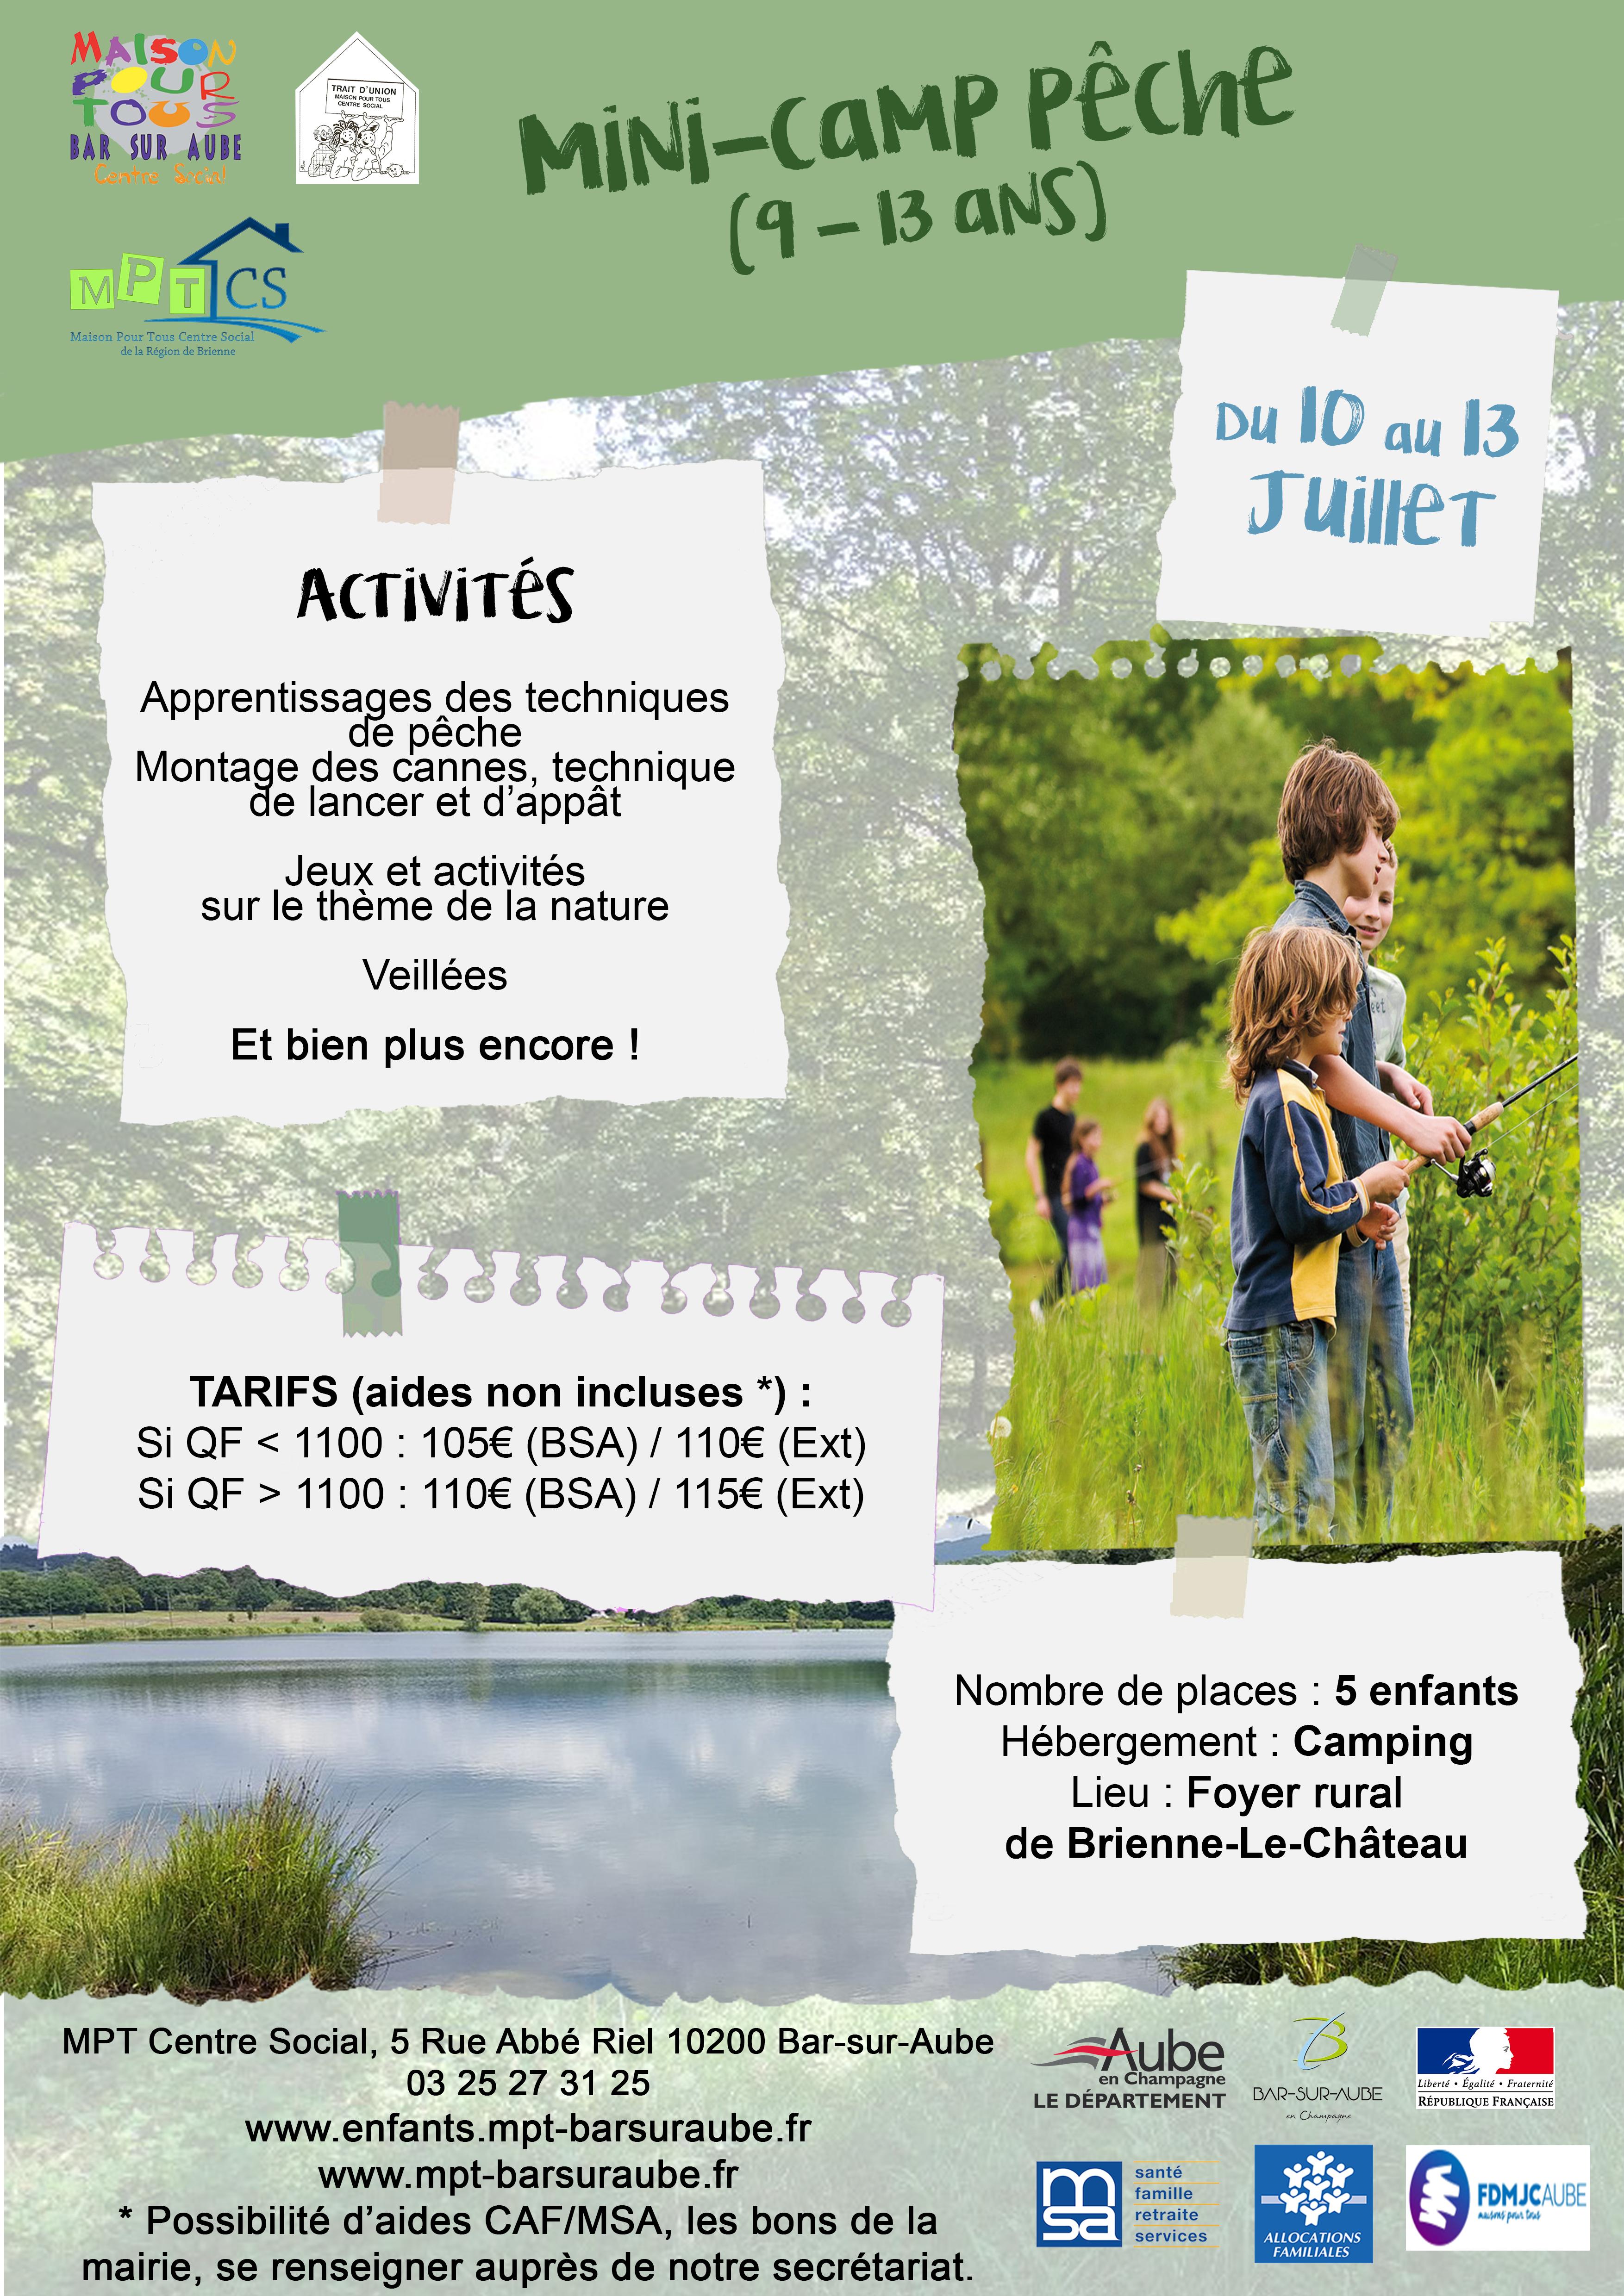 LES SÉJOURS DE L'ÉTÉ 2018